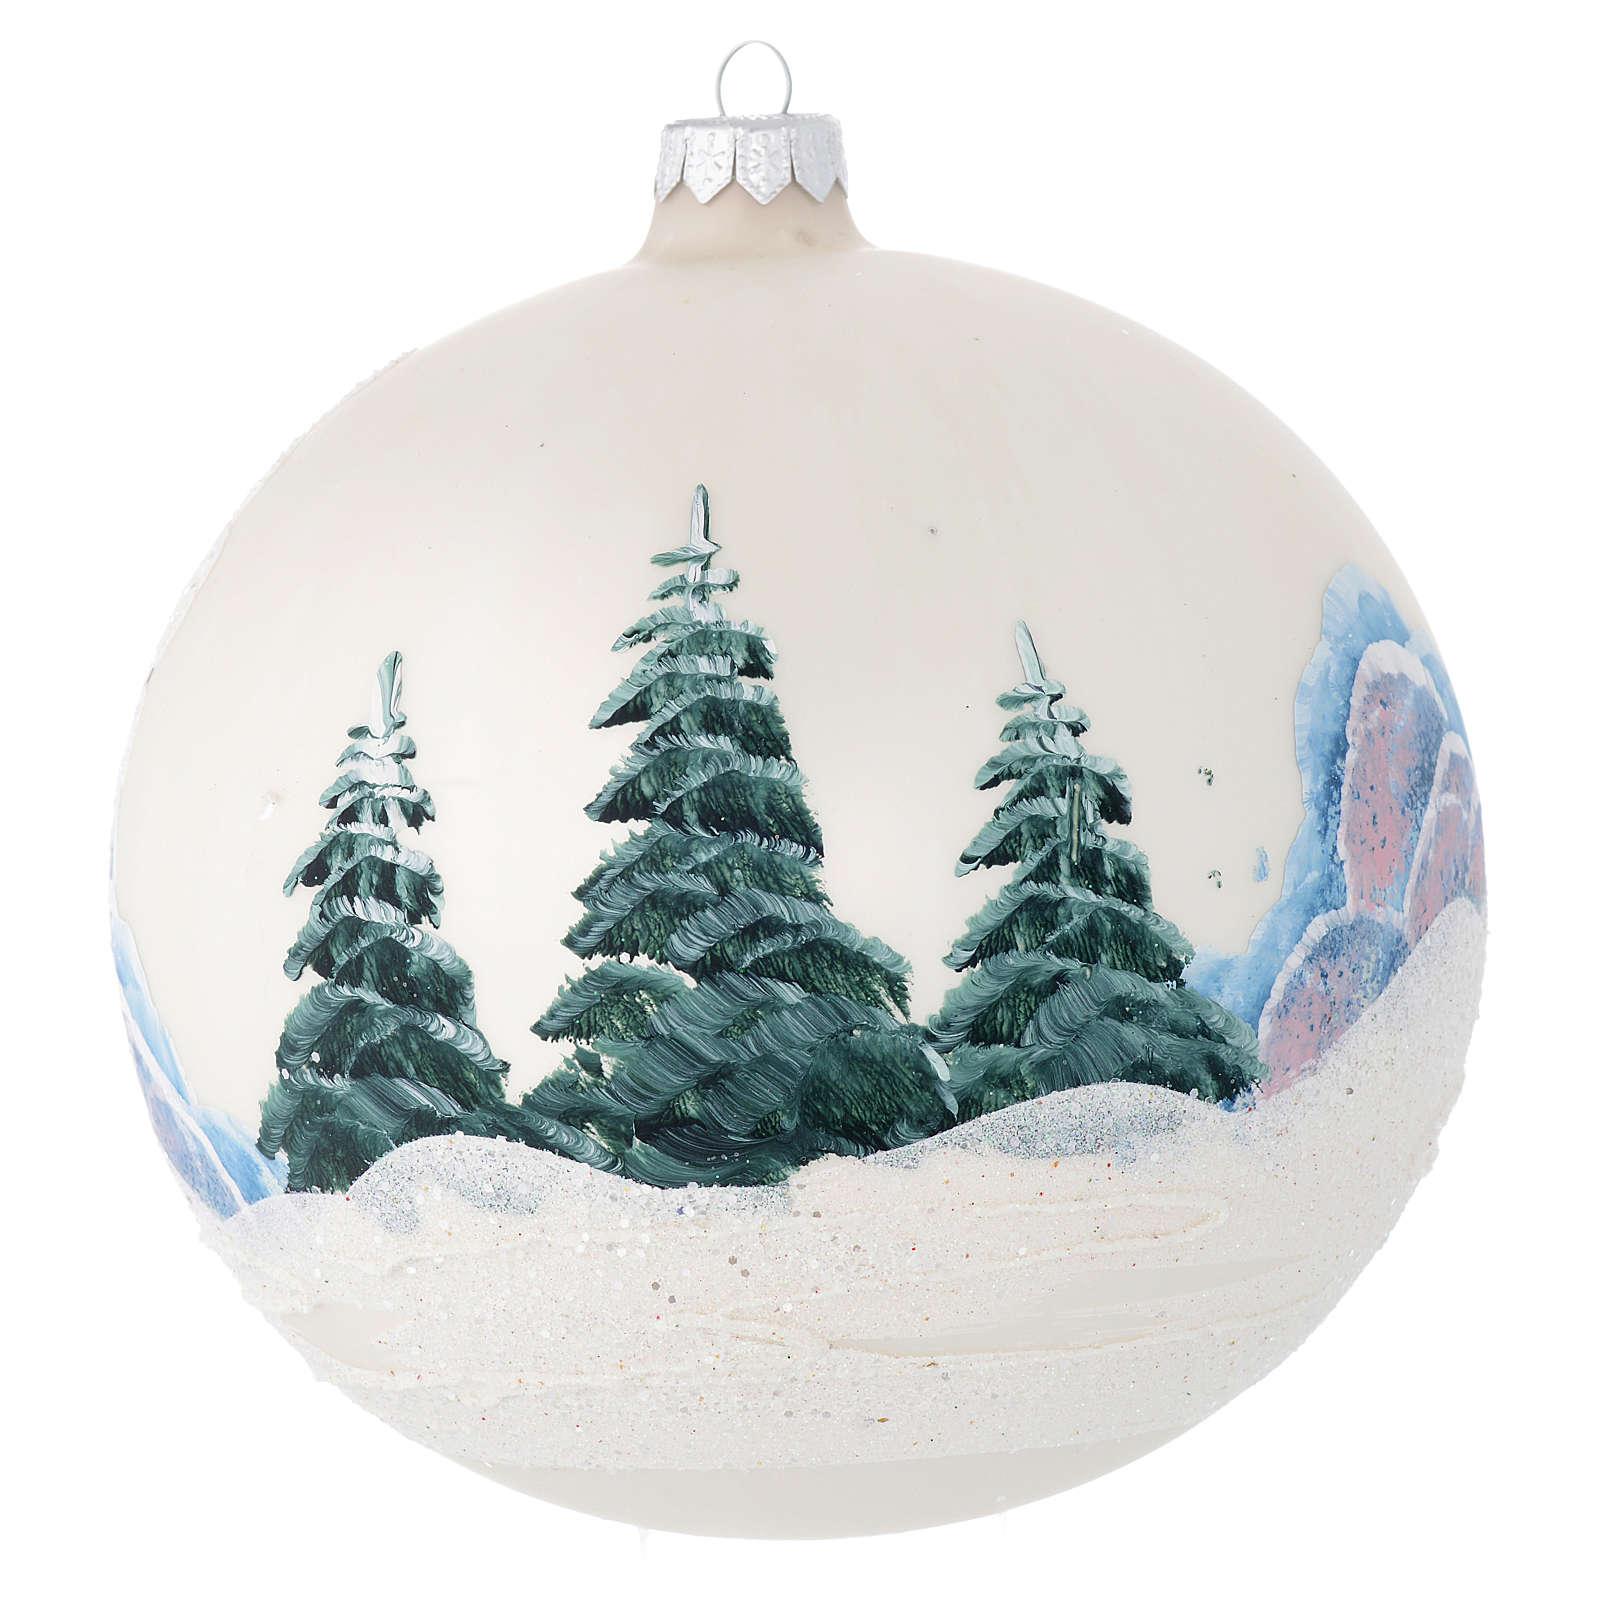 Palla Albero vetro color perla paesaggio decoupage 150 mm 4